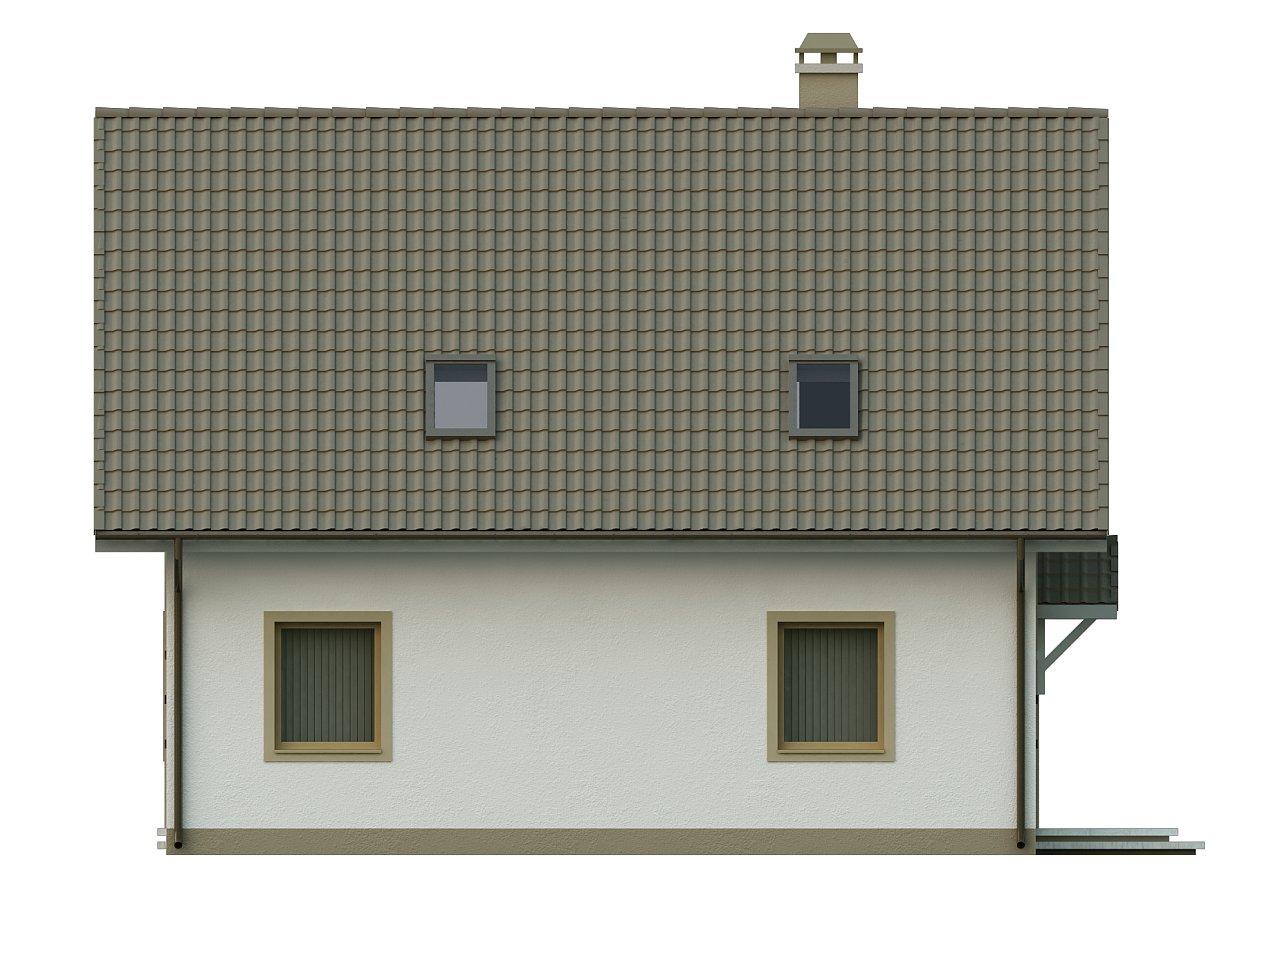 Стильный дом с мансардой, экономичный в строительстве и эксплуатации. 6